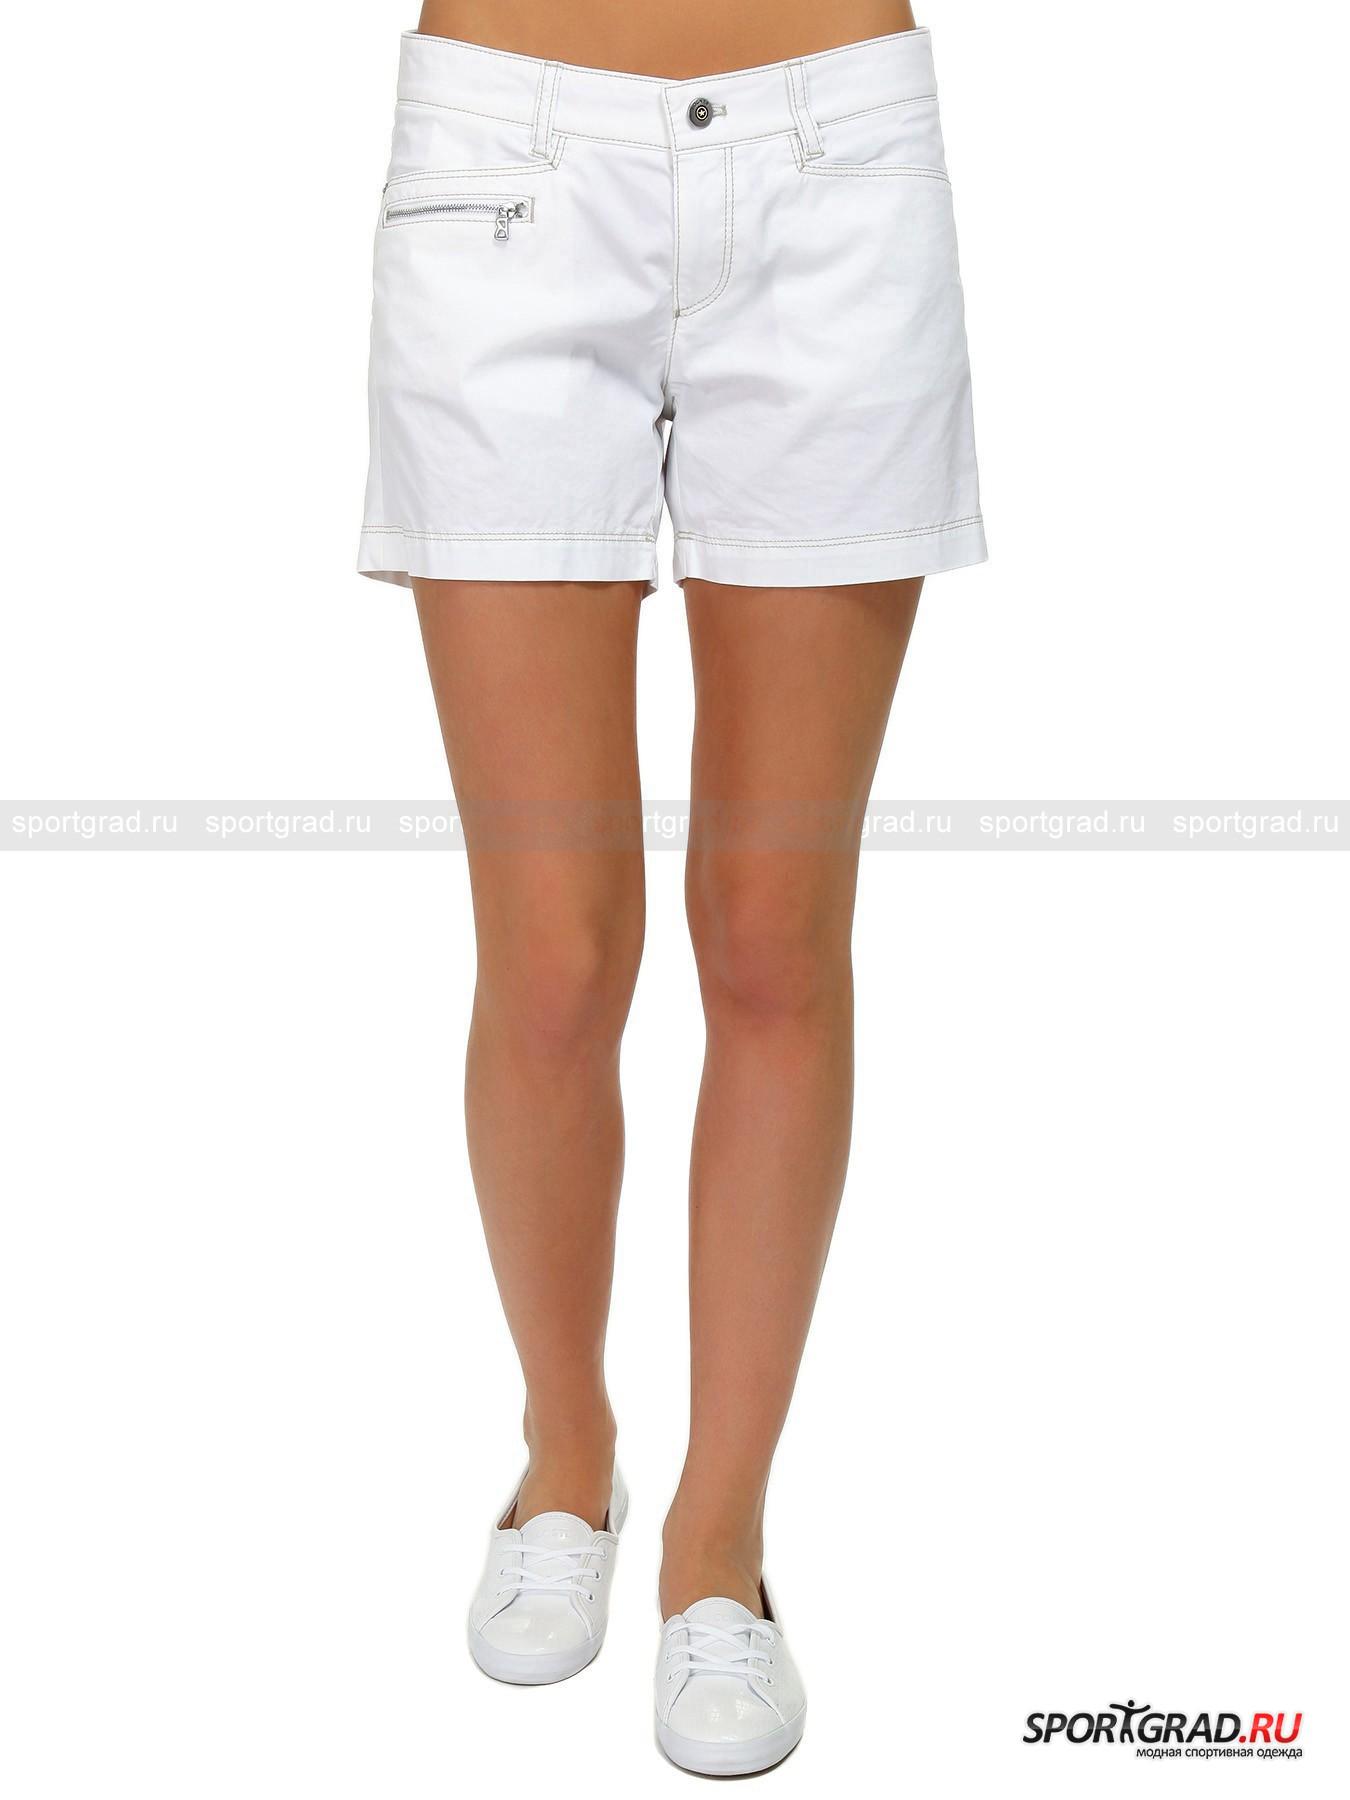 Шорты женские Fiora-g BOGNERШорты, Велосипедки<br>Яркие женские шорты BOGNER, выполненные из особой эластичной ткани, не только выделят Вас из толпы, но ещё и подарят абсолютную свободу движений. Усиленная контрастная прострочка швов, 5 карманов, плотный притачной пояс со шлёвками и заниженная линия талии – превосходный стиль от одного из самых респектабельных брендов Германии.<br><br>Пол: Женский<br>Возраст: Взрослый<br>Тип: Шорты, Велосипедки<br>Рекомендации по уходу: Деликатная ручная стирка при температуре 30 градусов, щадящий ручной отжим.<br>Состав: 70% хлопок, 26% полиэстер, 4% эластан